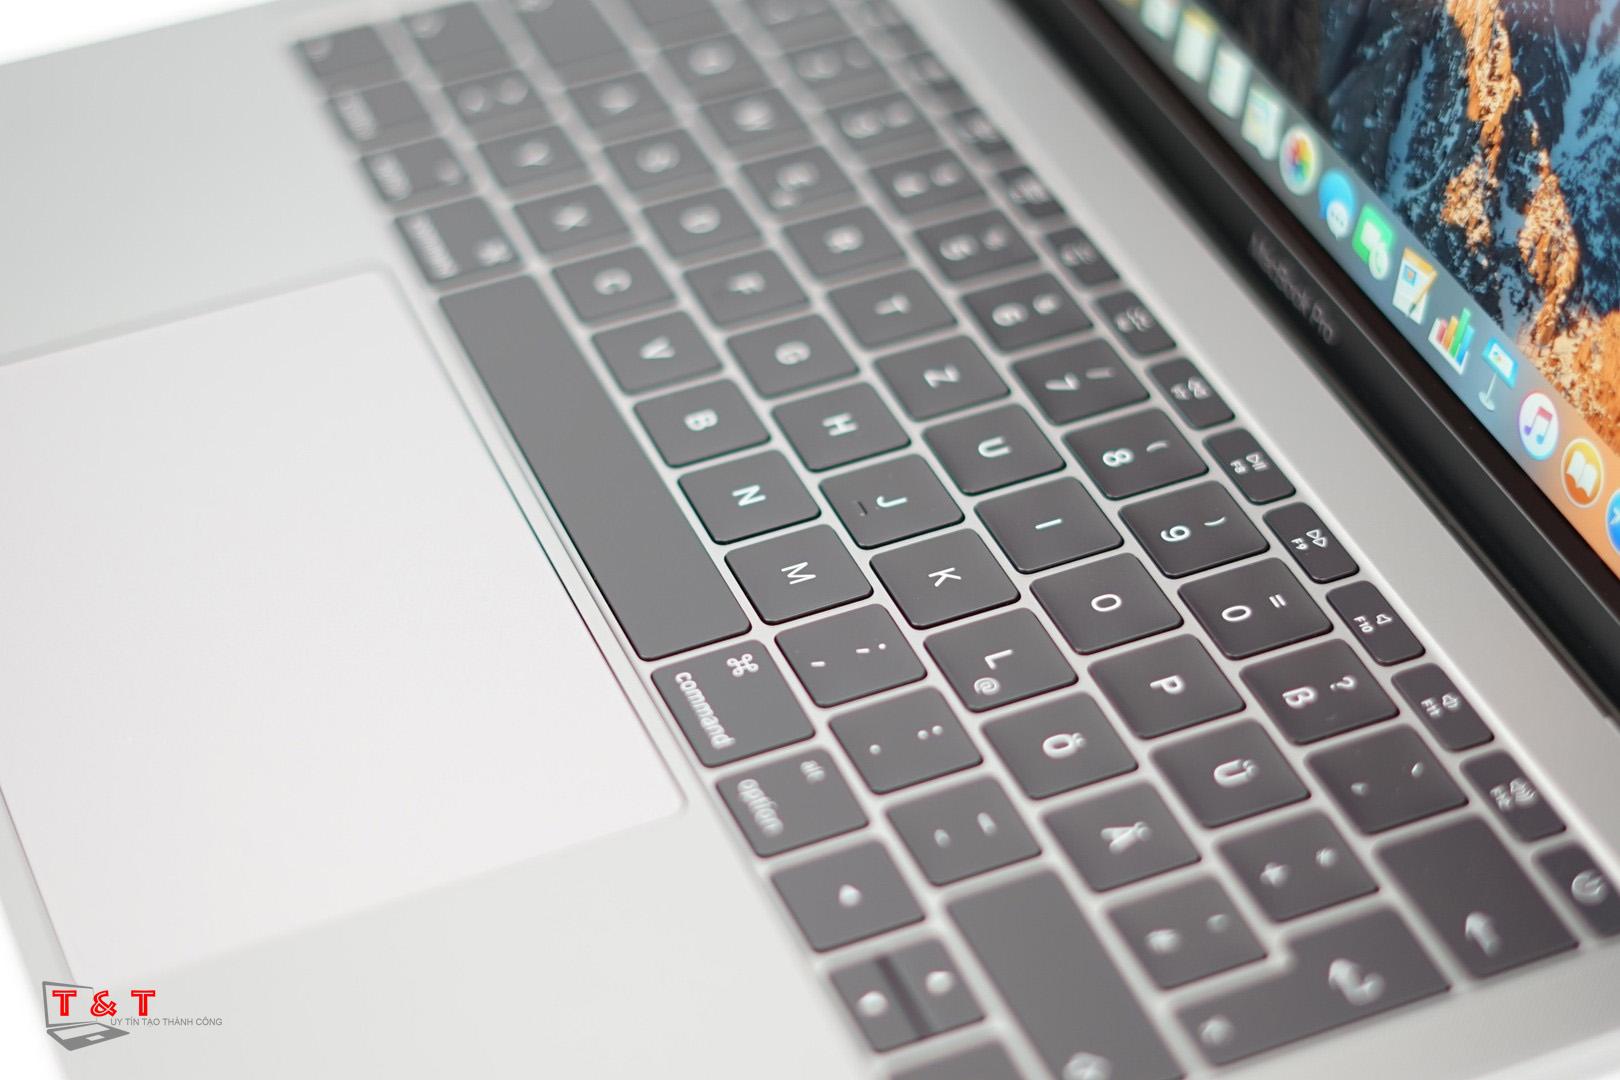 macbook-pro-13-2017